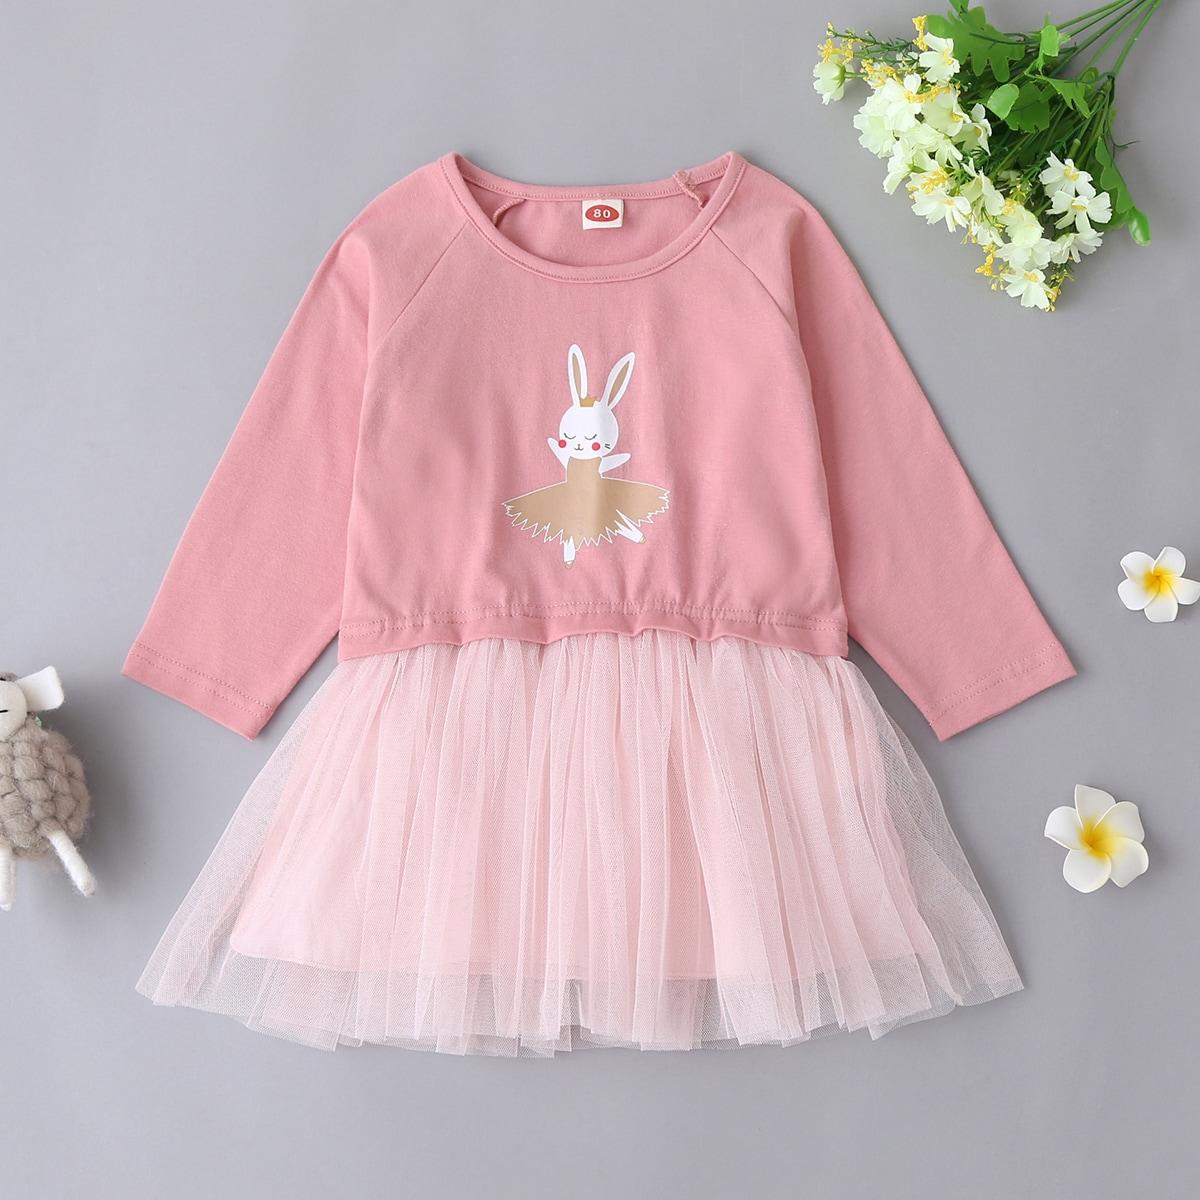 shein Casual Spotprent Baby-jurk Contrast doorschijnend